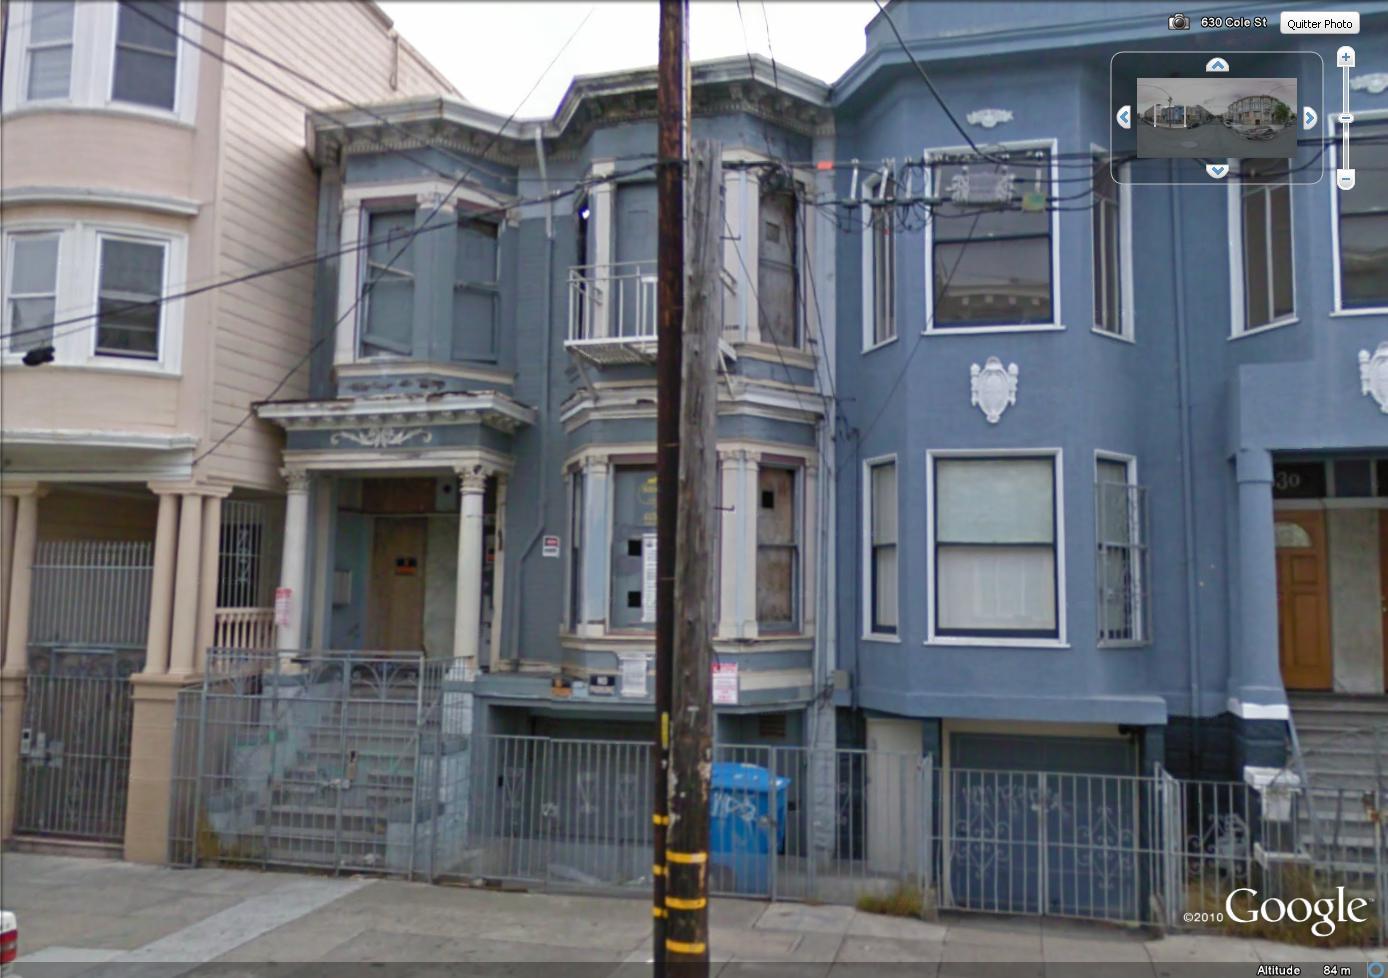 R solu probl me de sauvegarde d 39 une image dans google for Adresse de la maison bleue san francisco